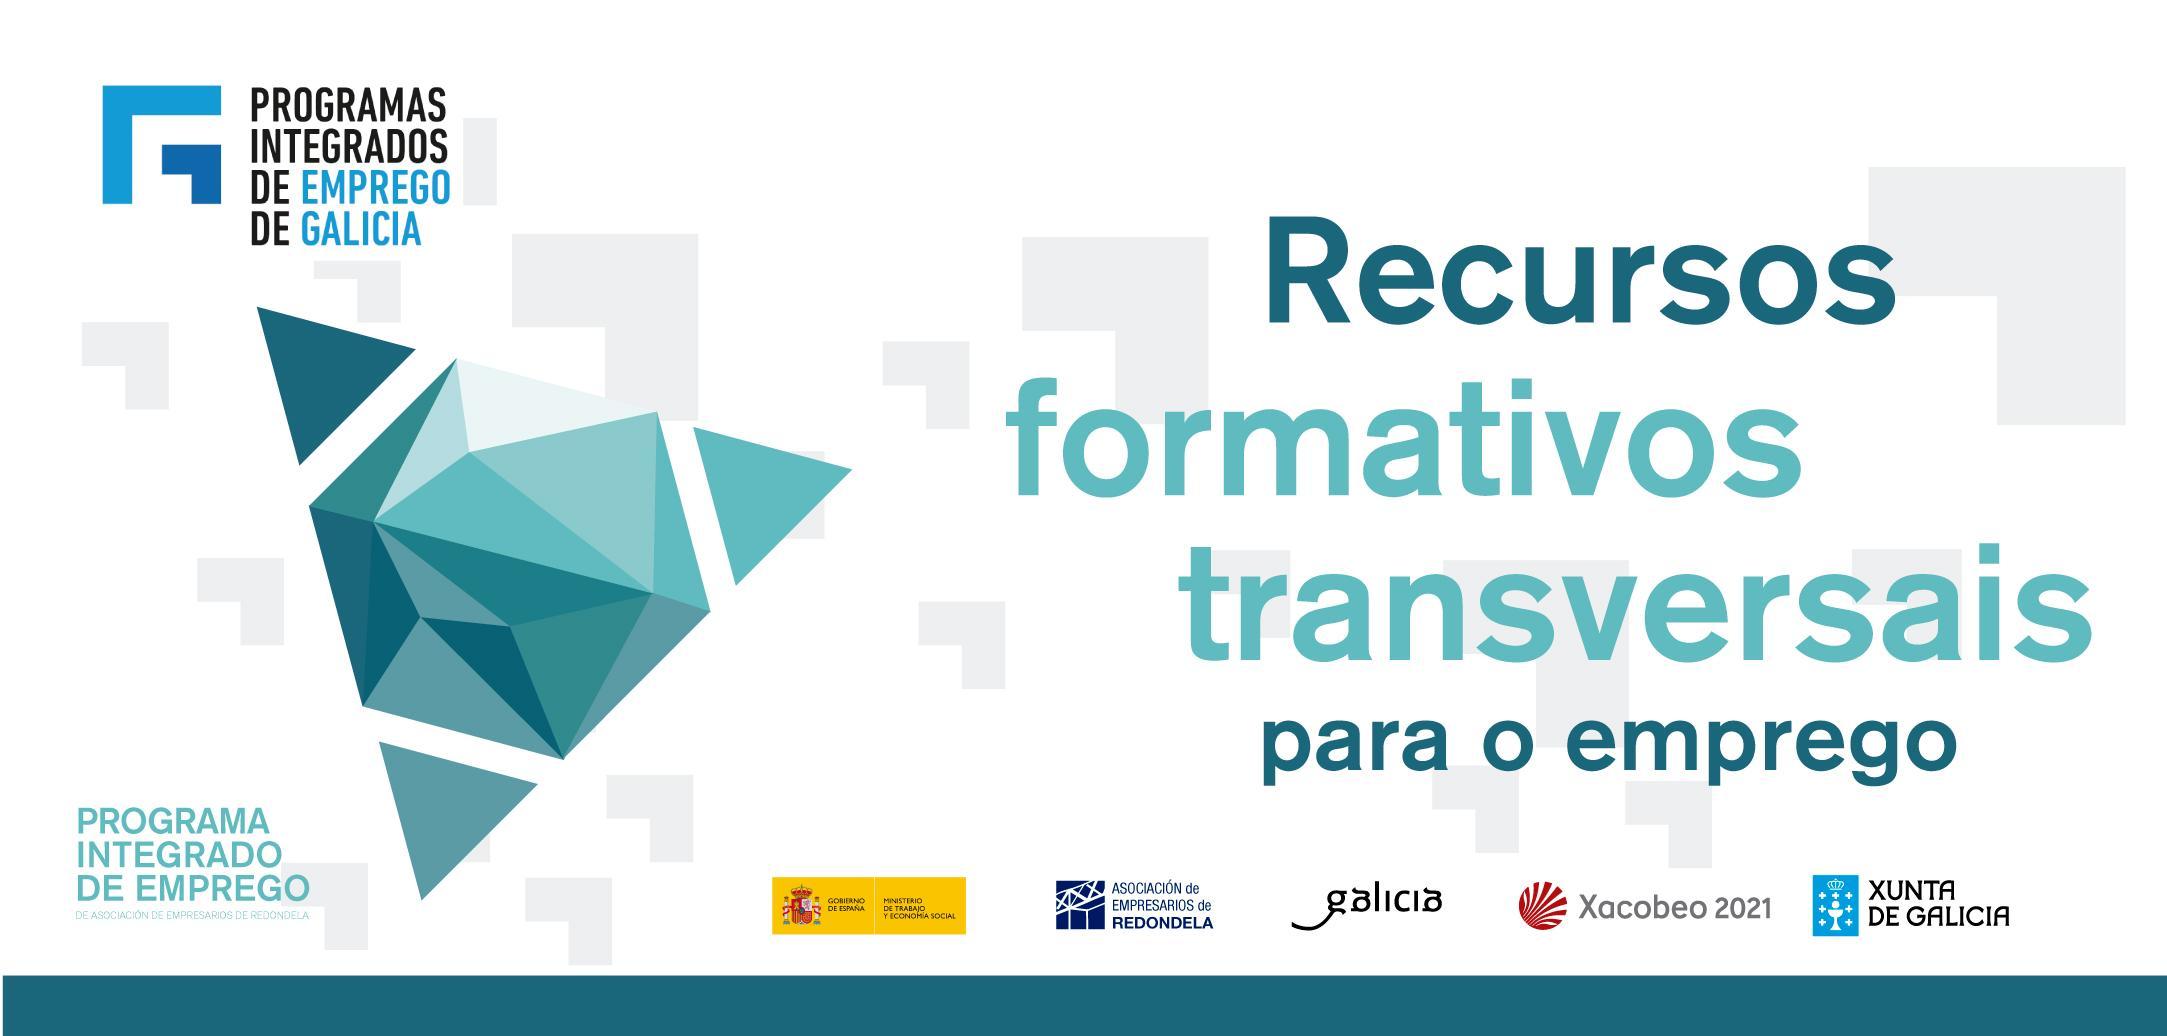 RECURSOS-FORMATIVAS-TRANSVERSAIS.jpg